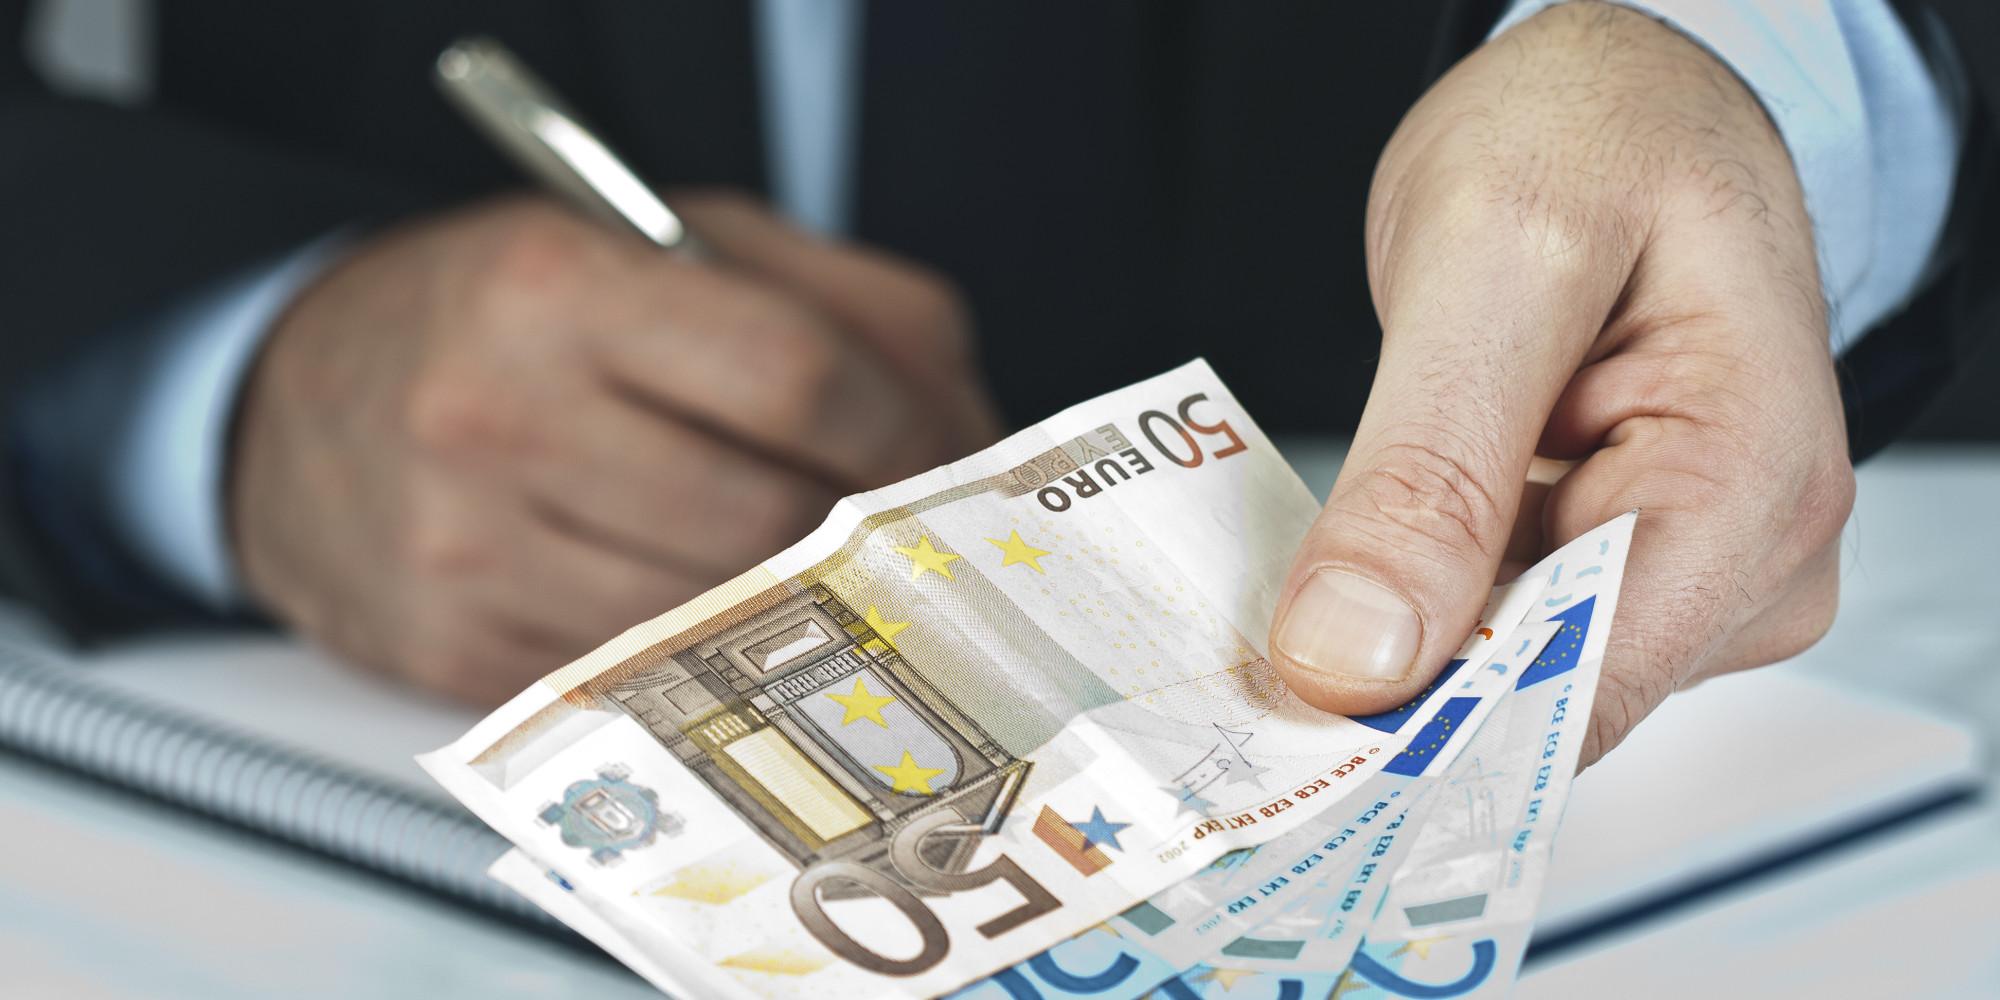 El sueldo más habitual apenas sube 20 euros en 2019 y uno de cada cinco trabajadores gana como mucho el SMI 1